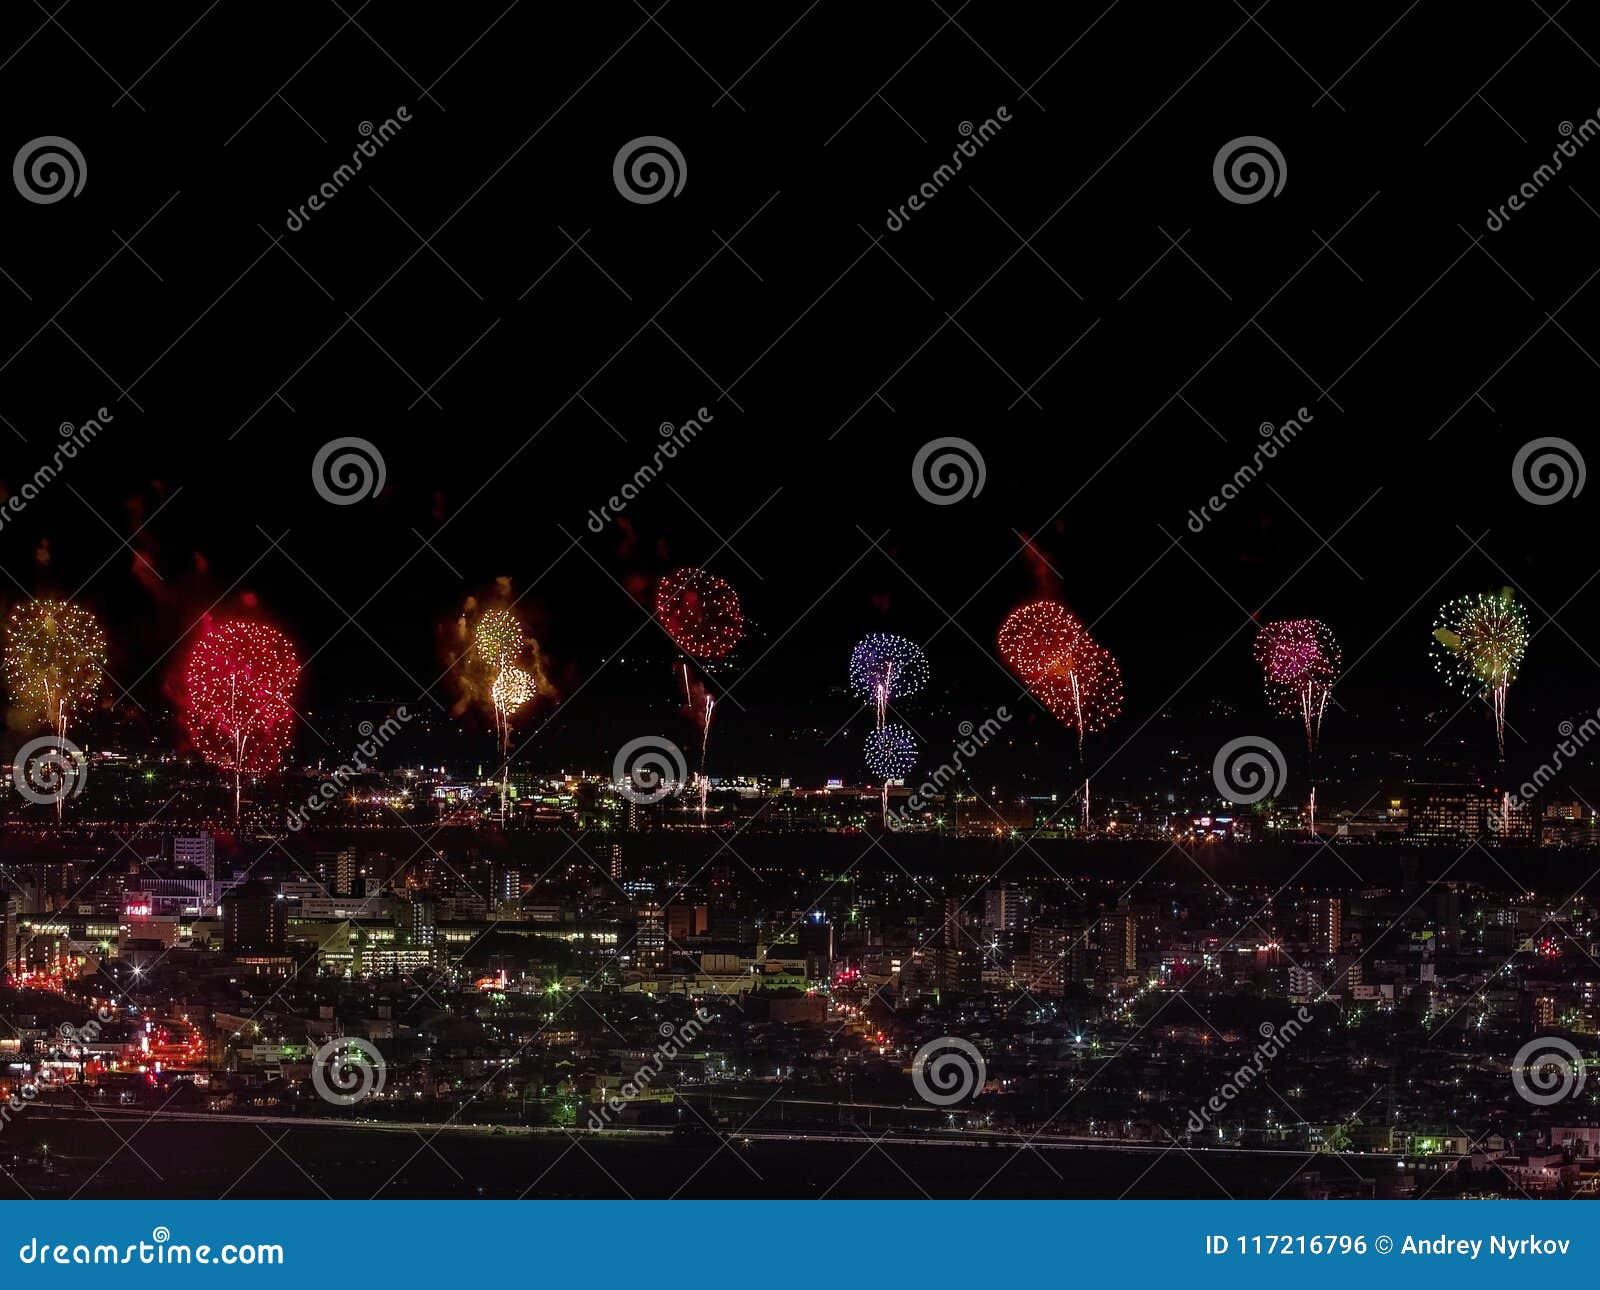 Салют над городом мегаполис Праздничный салют в ночном небе Взрывы фейерверков